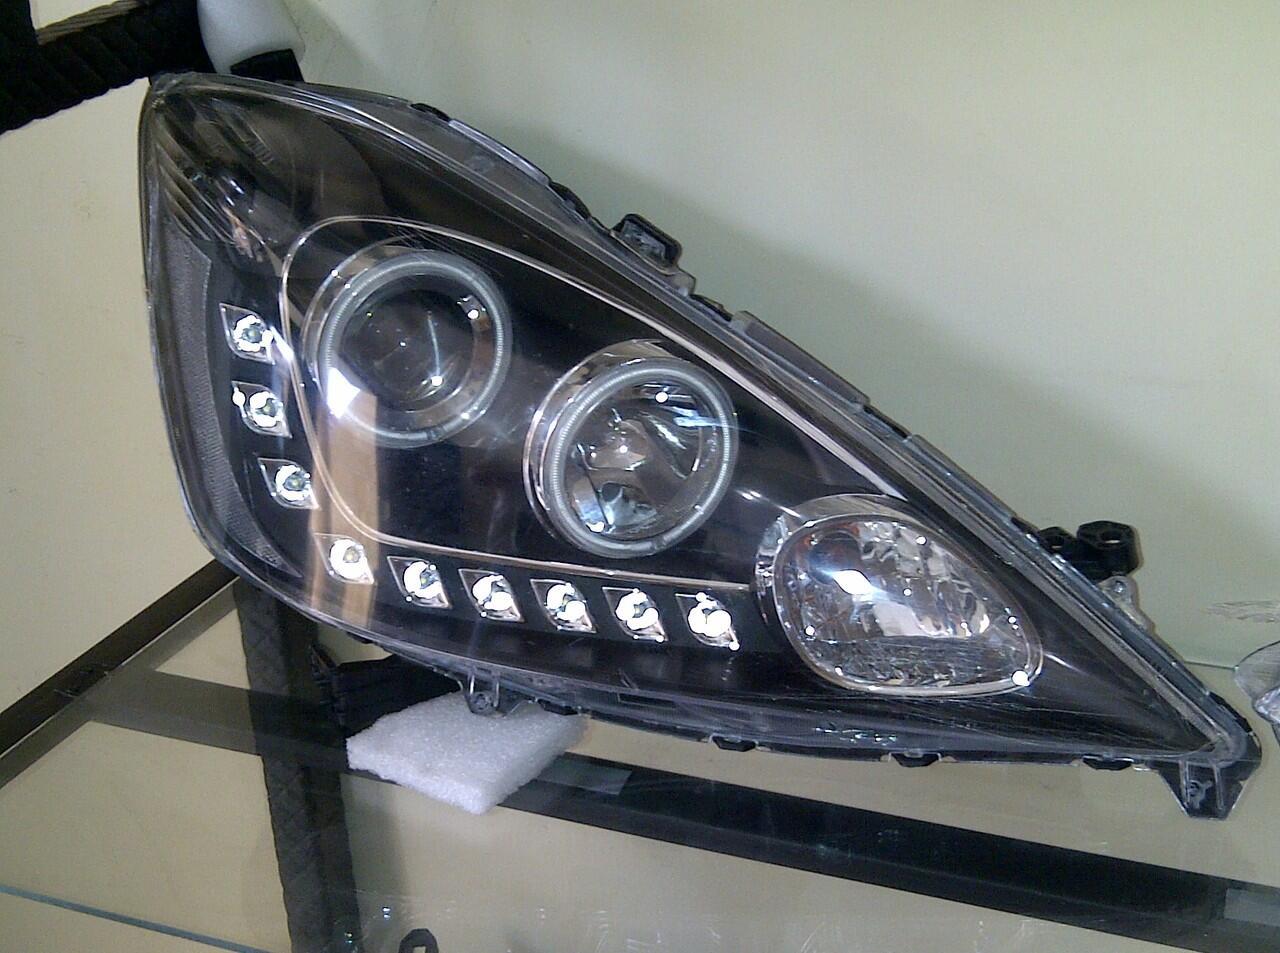 Terjual Lampu Depan Projector Dan Lampu Belakang Led Mobil